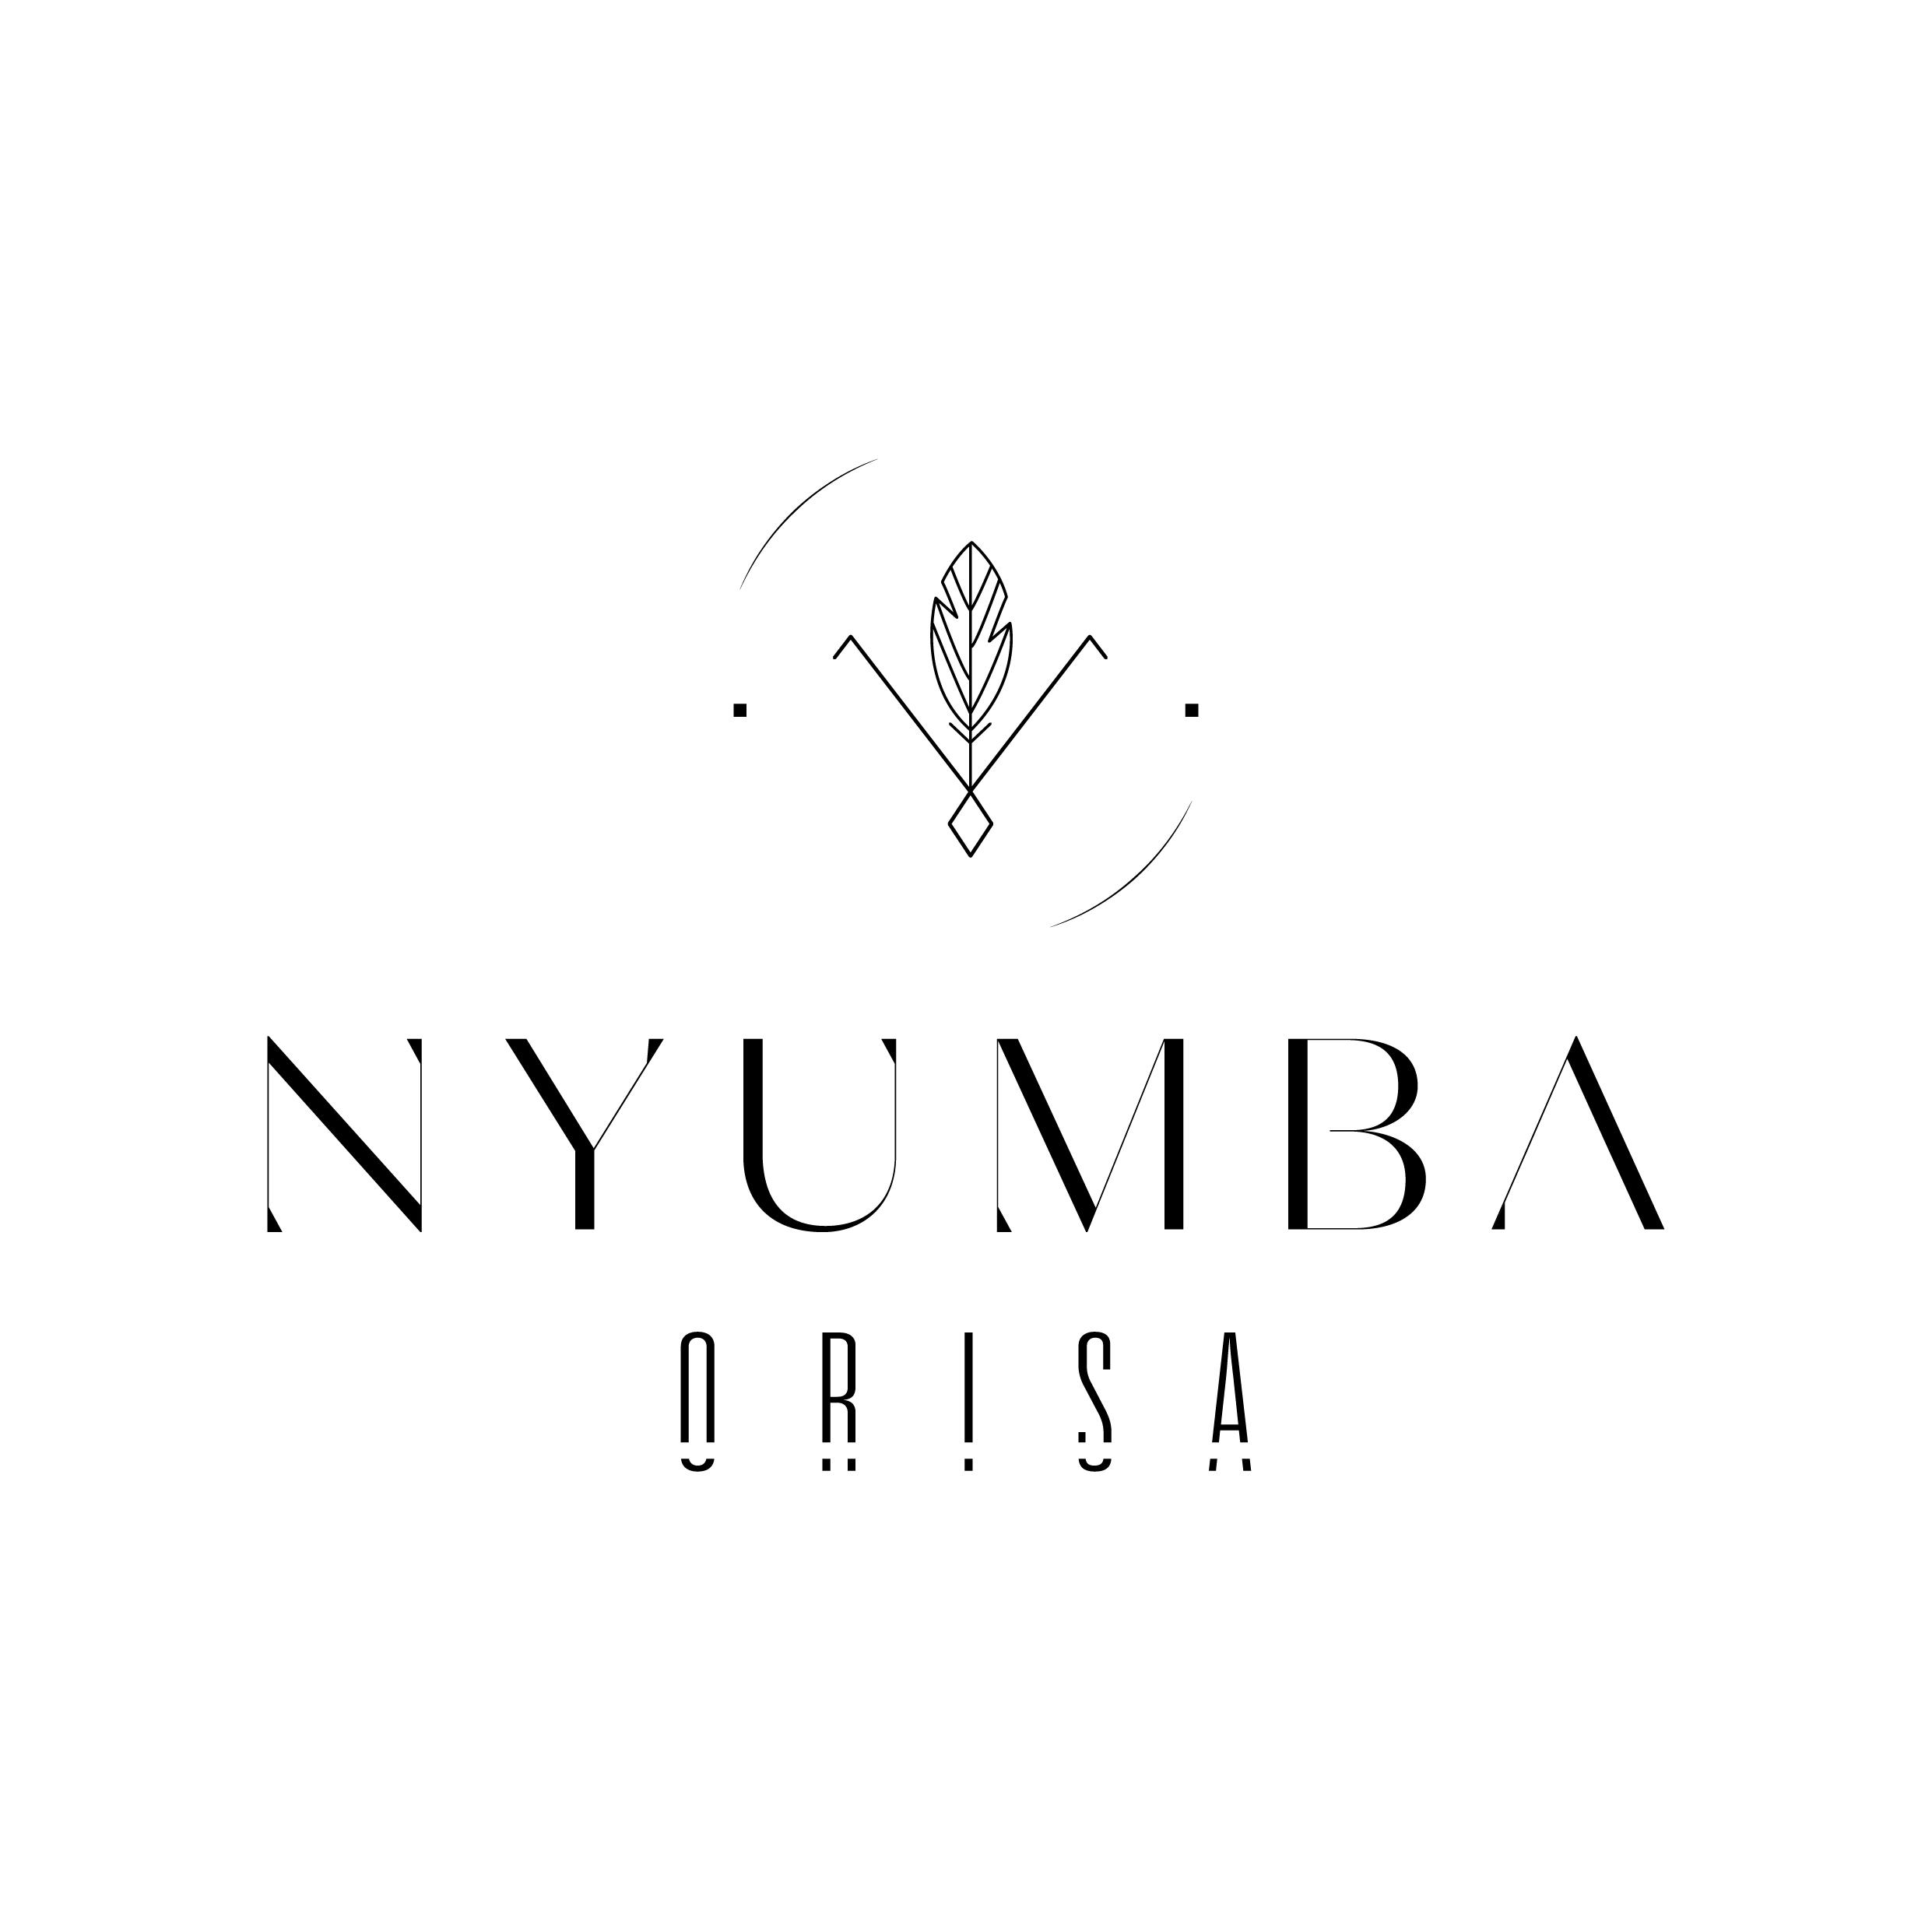 agence-ks-nyumba-orisa